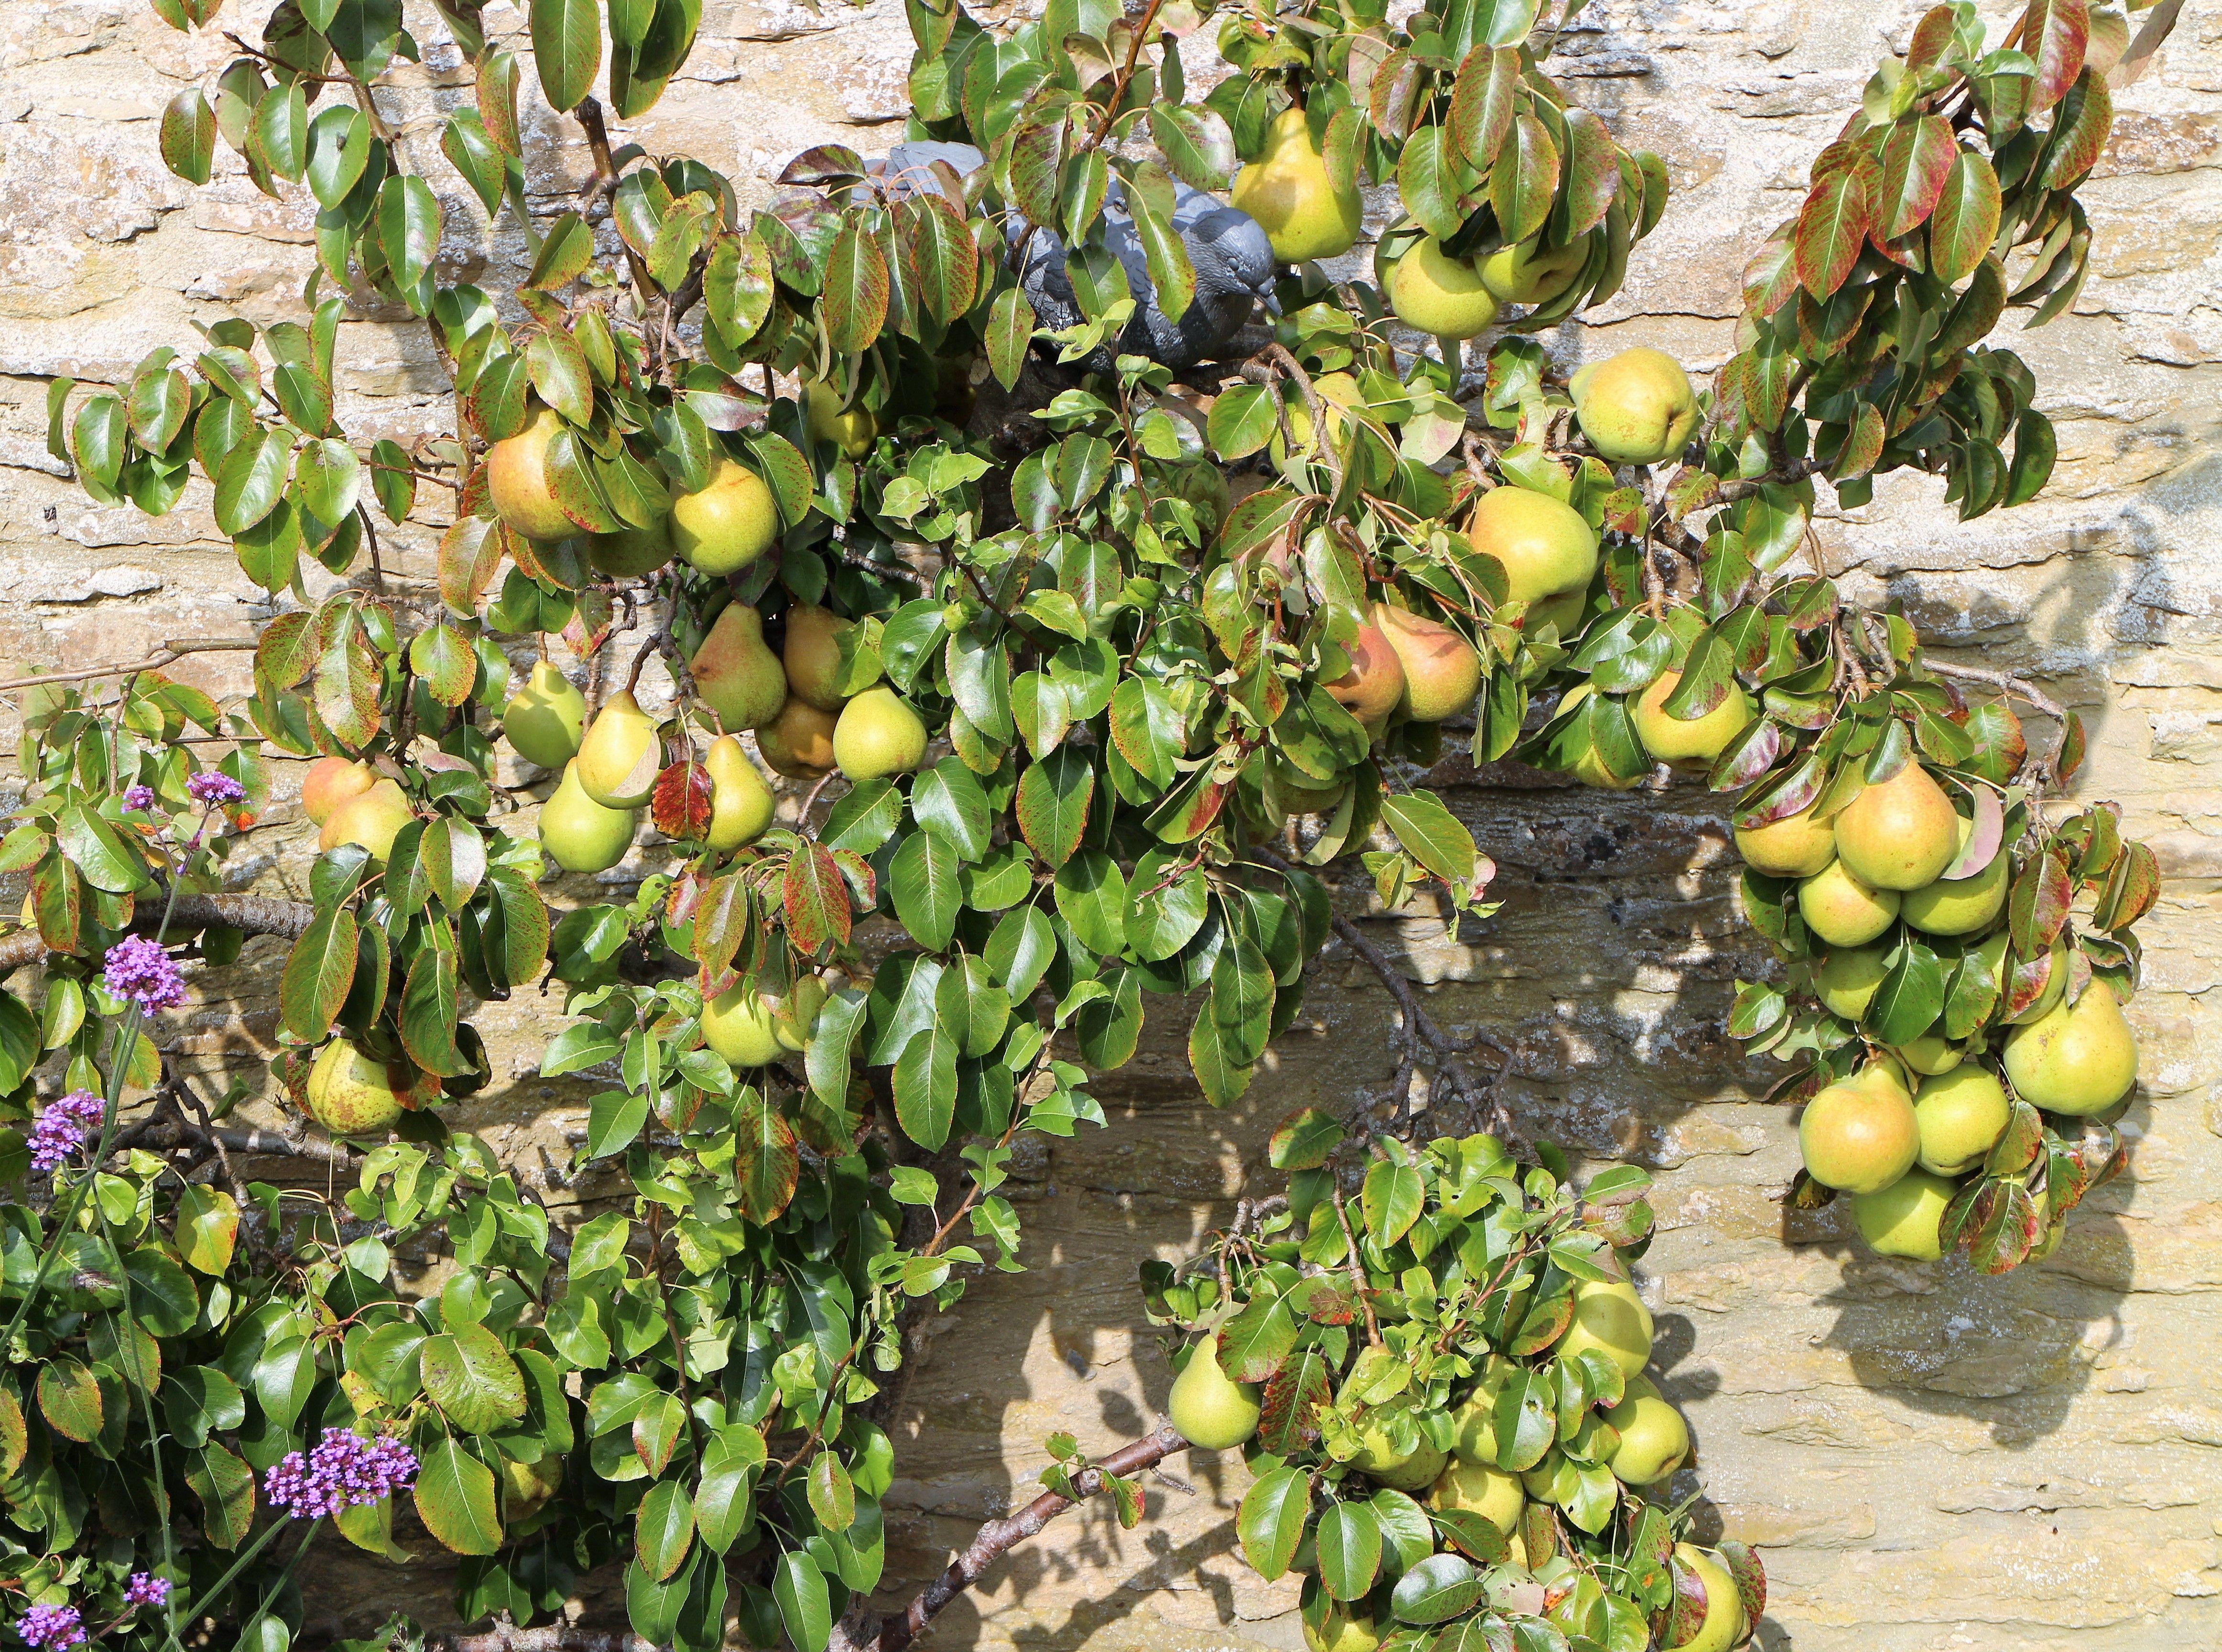 Pin By Ashridge Nurseries On Training Fruit Trees Fruit Trees Pear Trees Plant Order